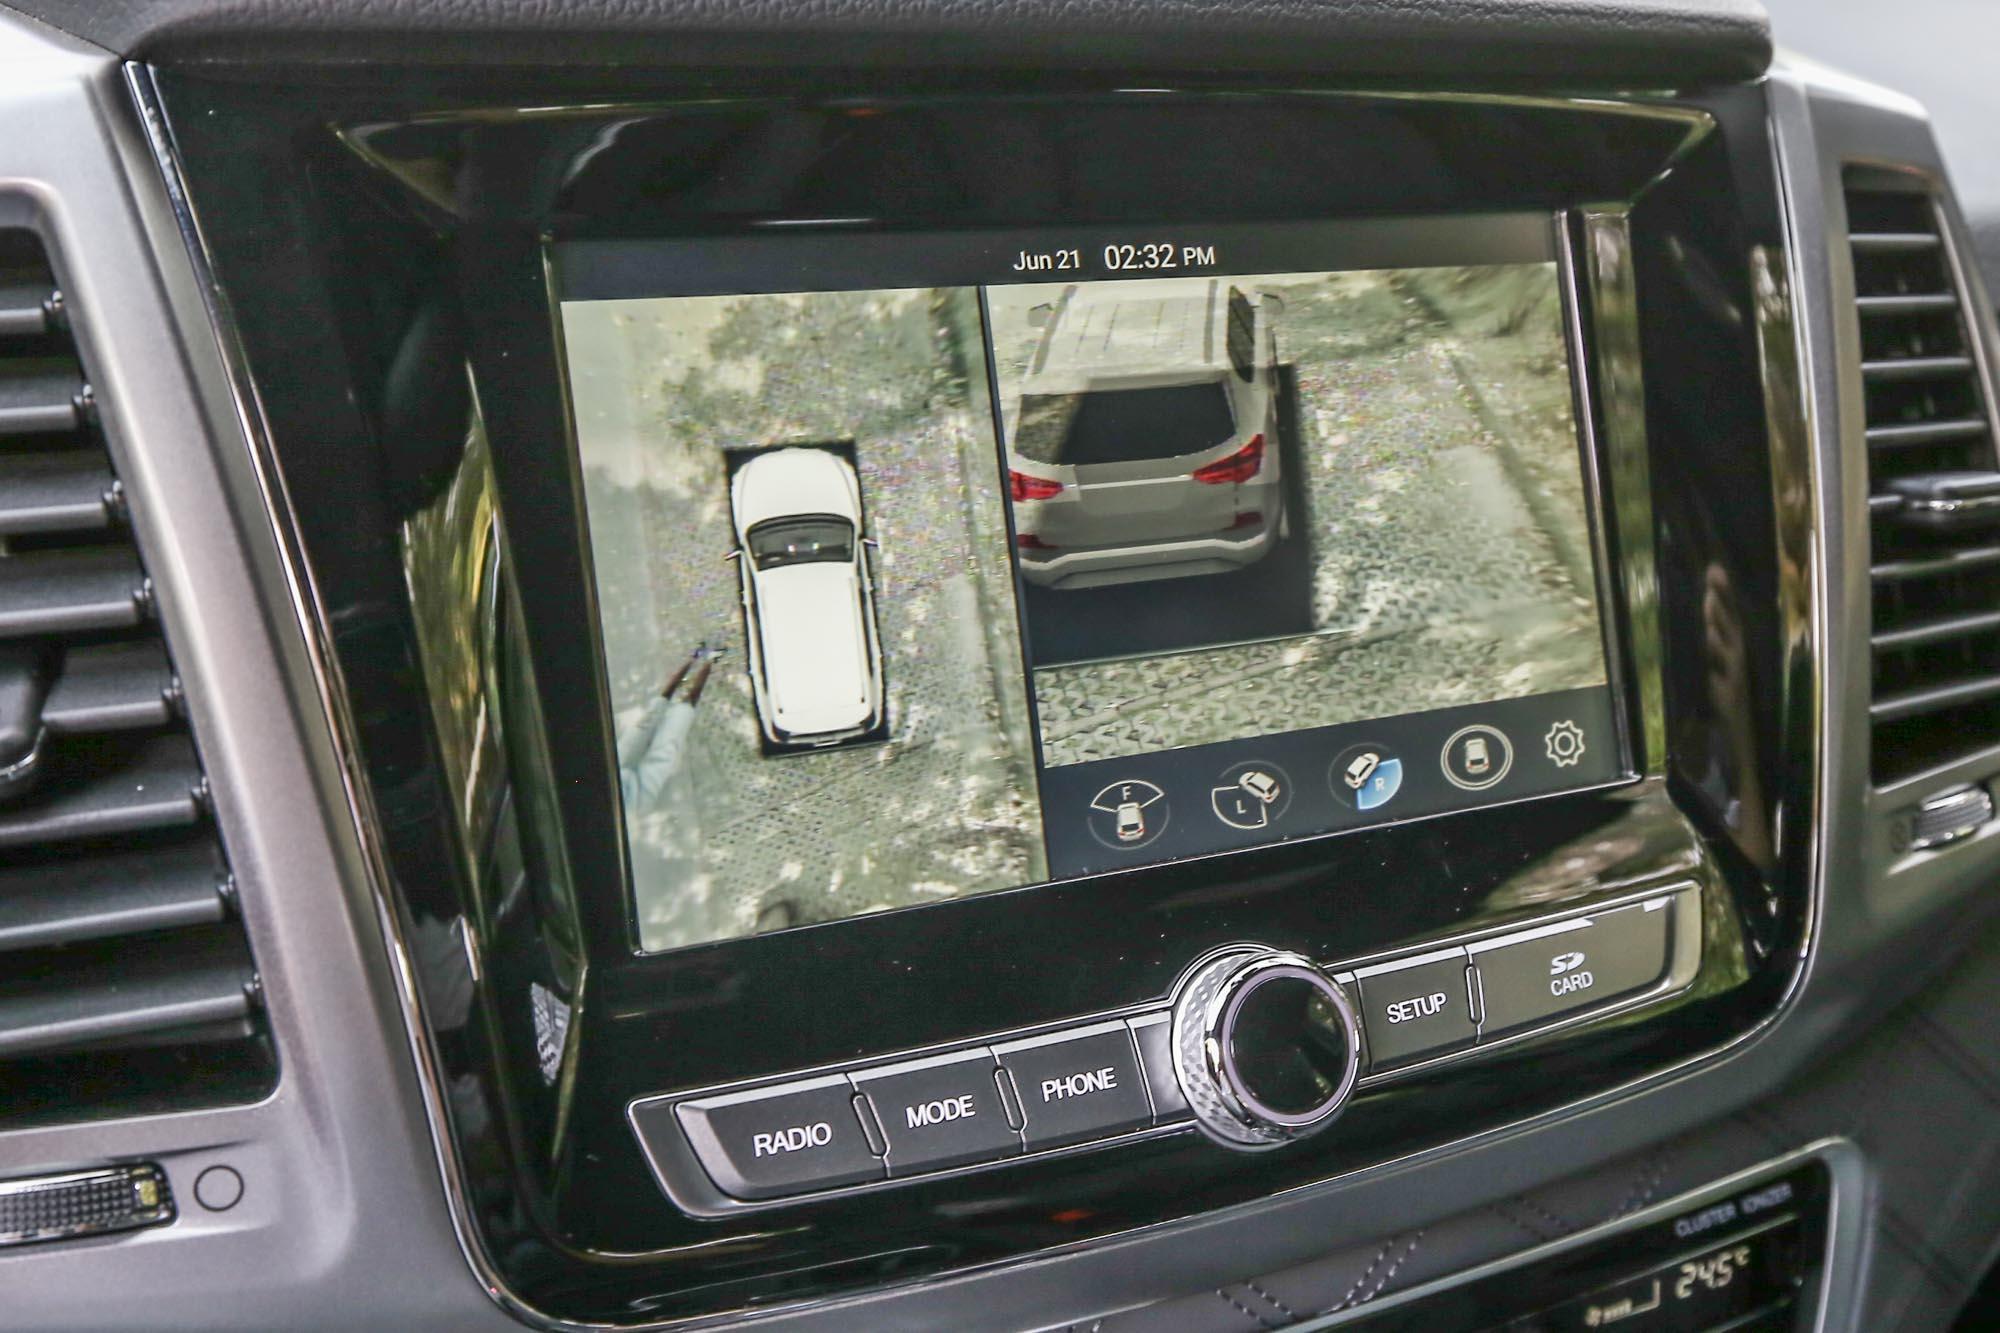 立體環景攝影系統大幅增加駕駛掌握車身周邊相對環境的能力,也可減少碰撞憾事發生。